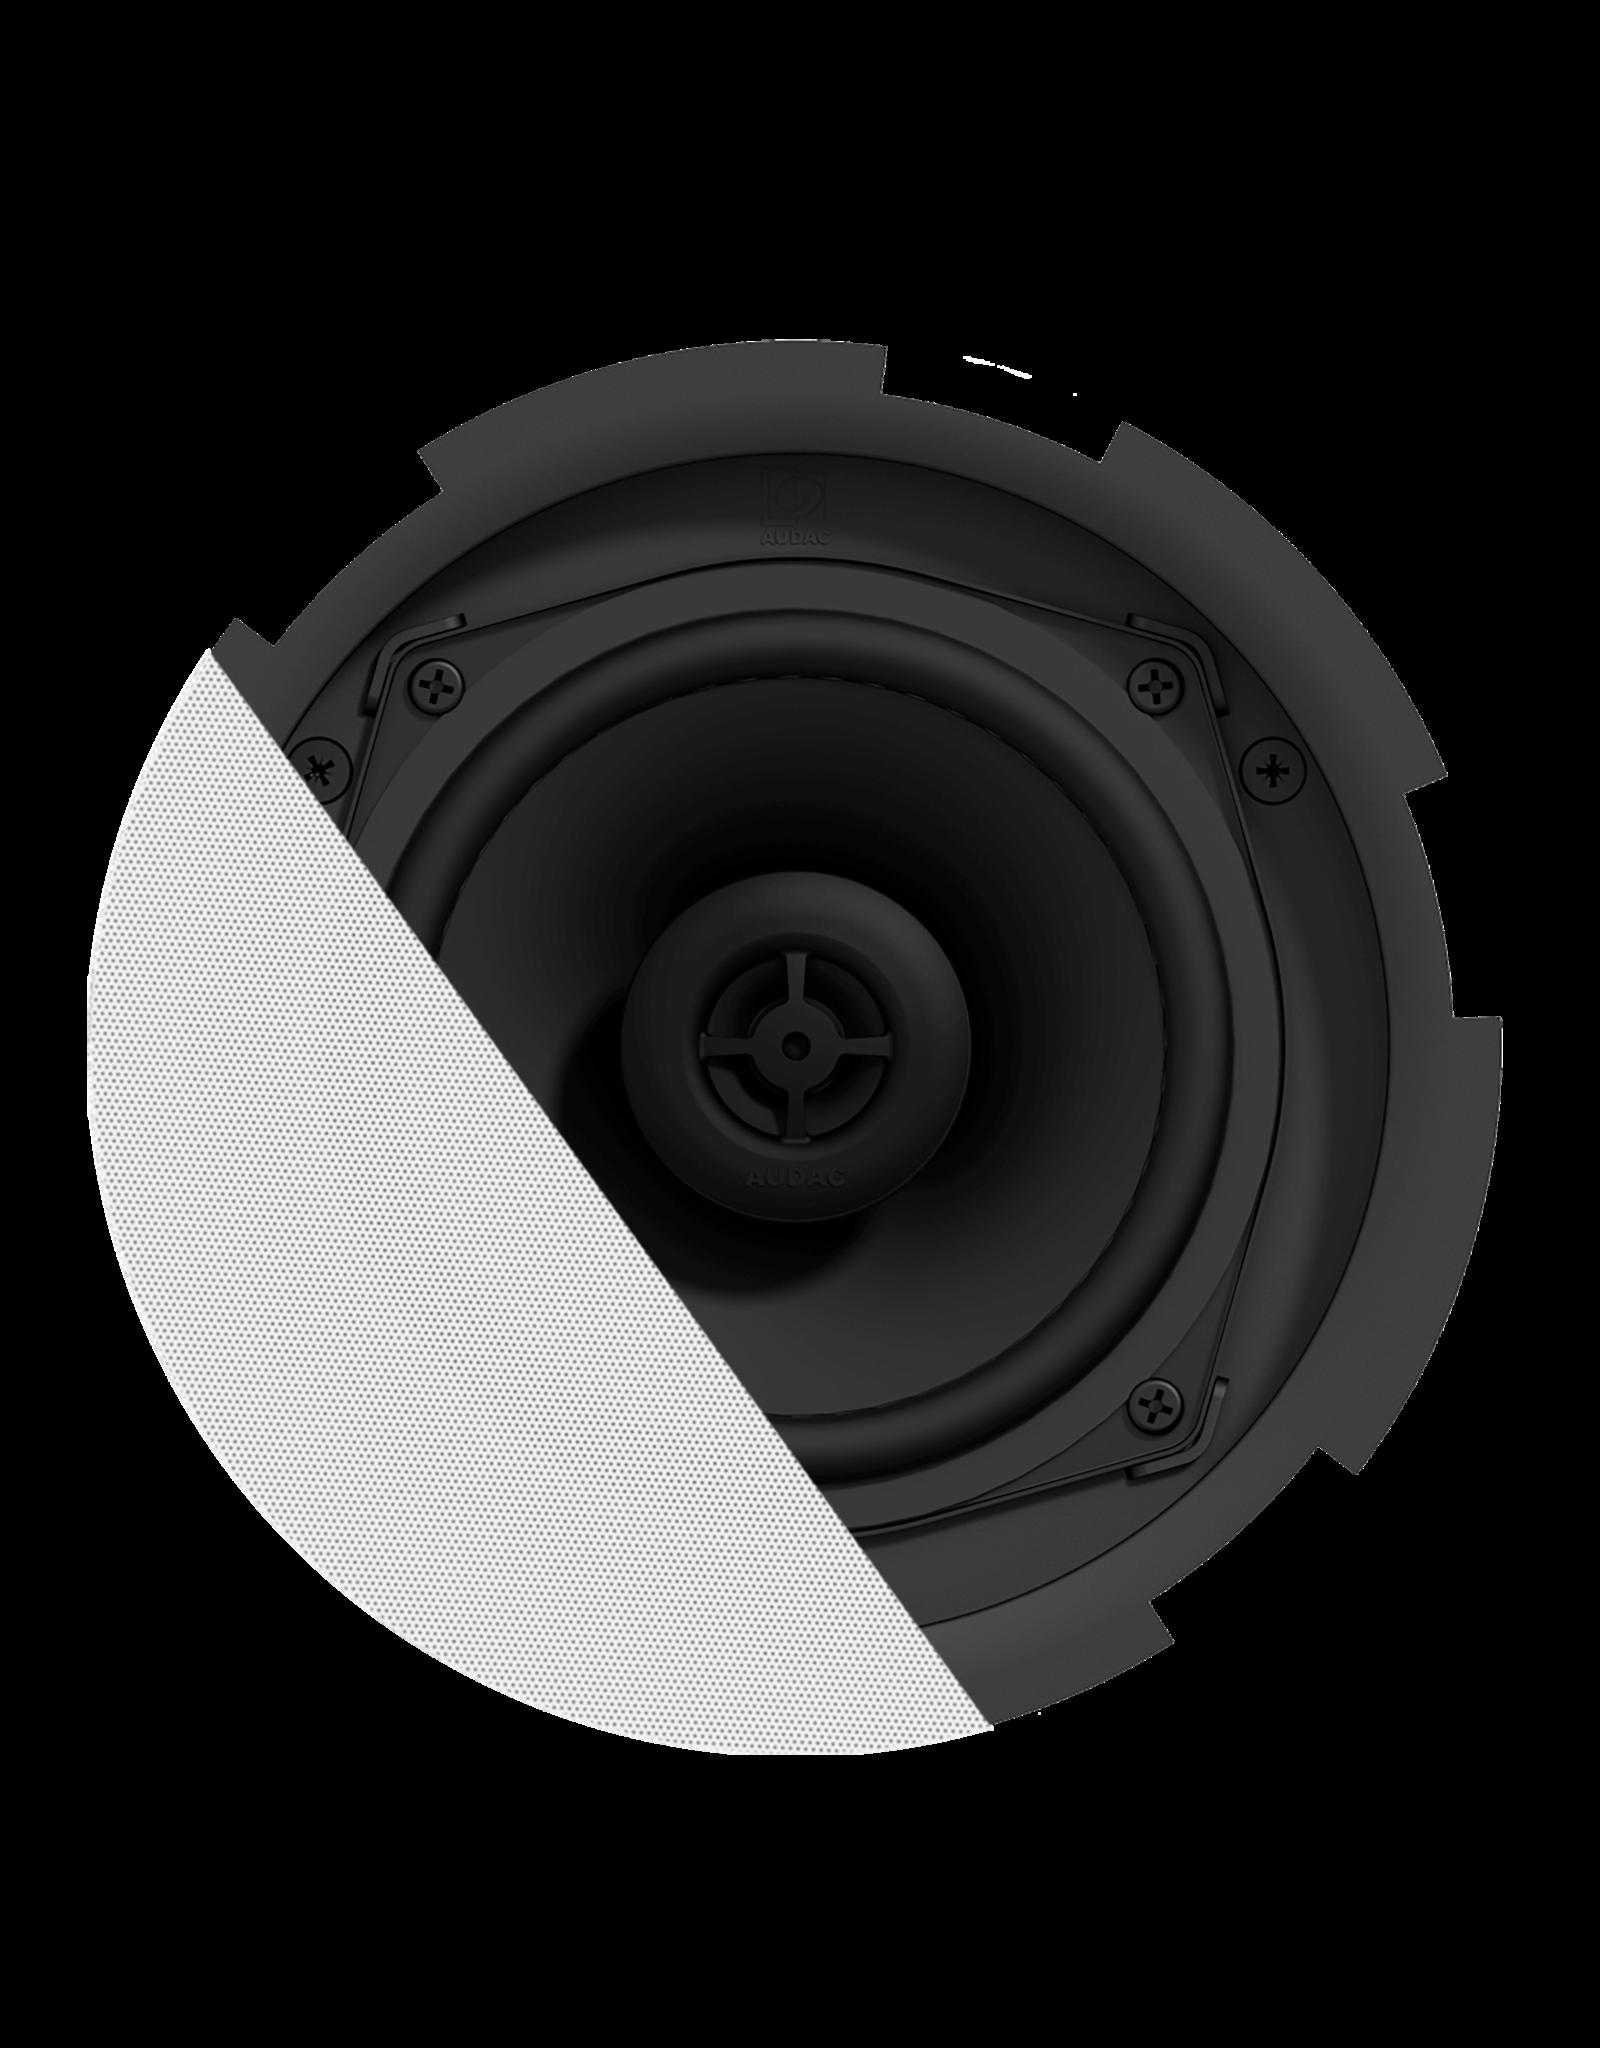 """Audac QuickFit™ 2-way 5 1/4"""" ceiling speaker with TwistFix™ grill White version, 8? & 6 Watt @ 100V"""